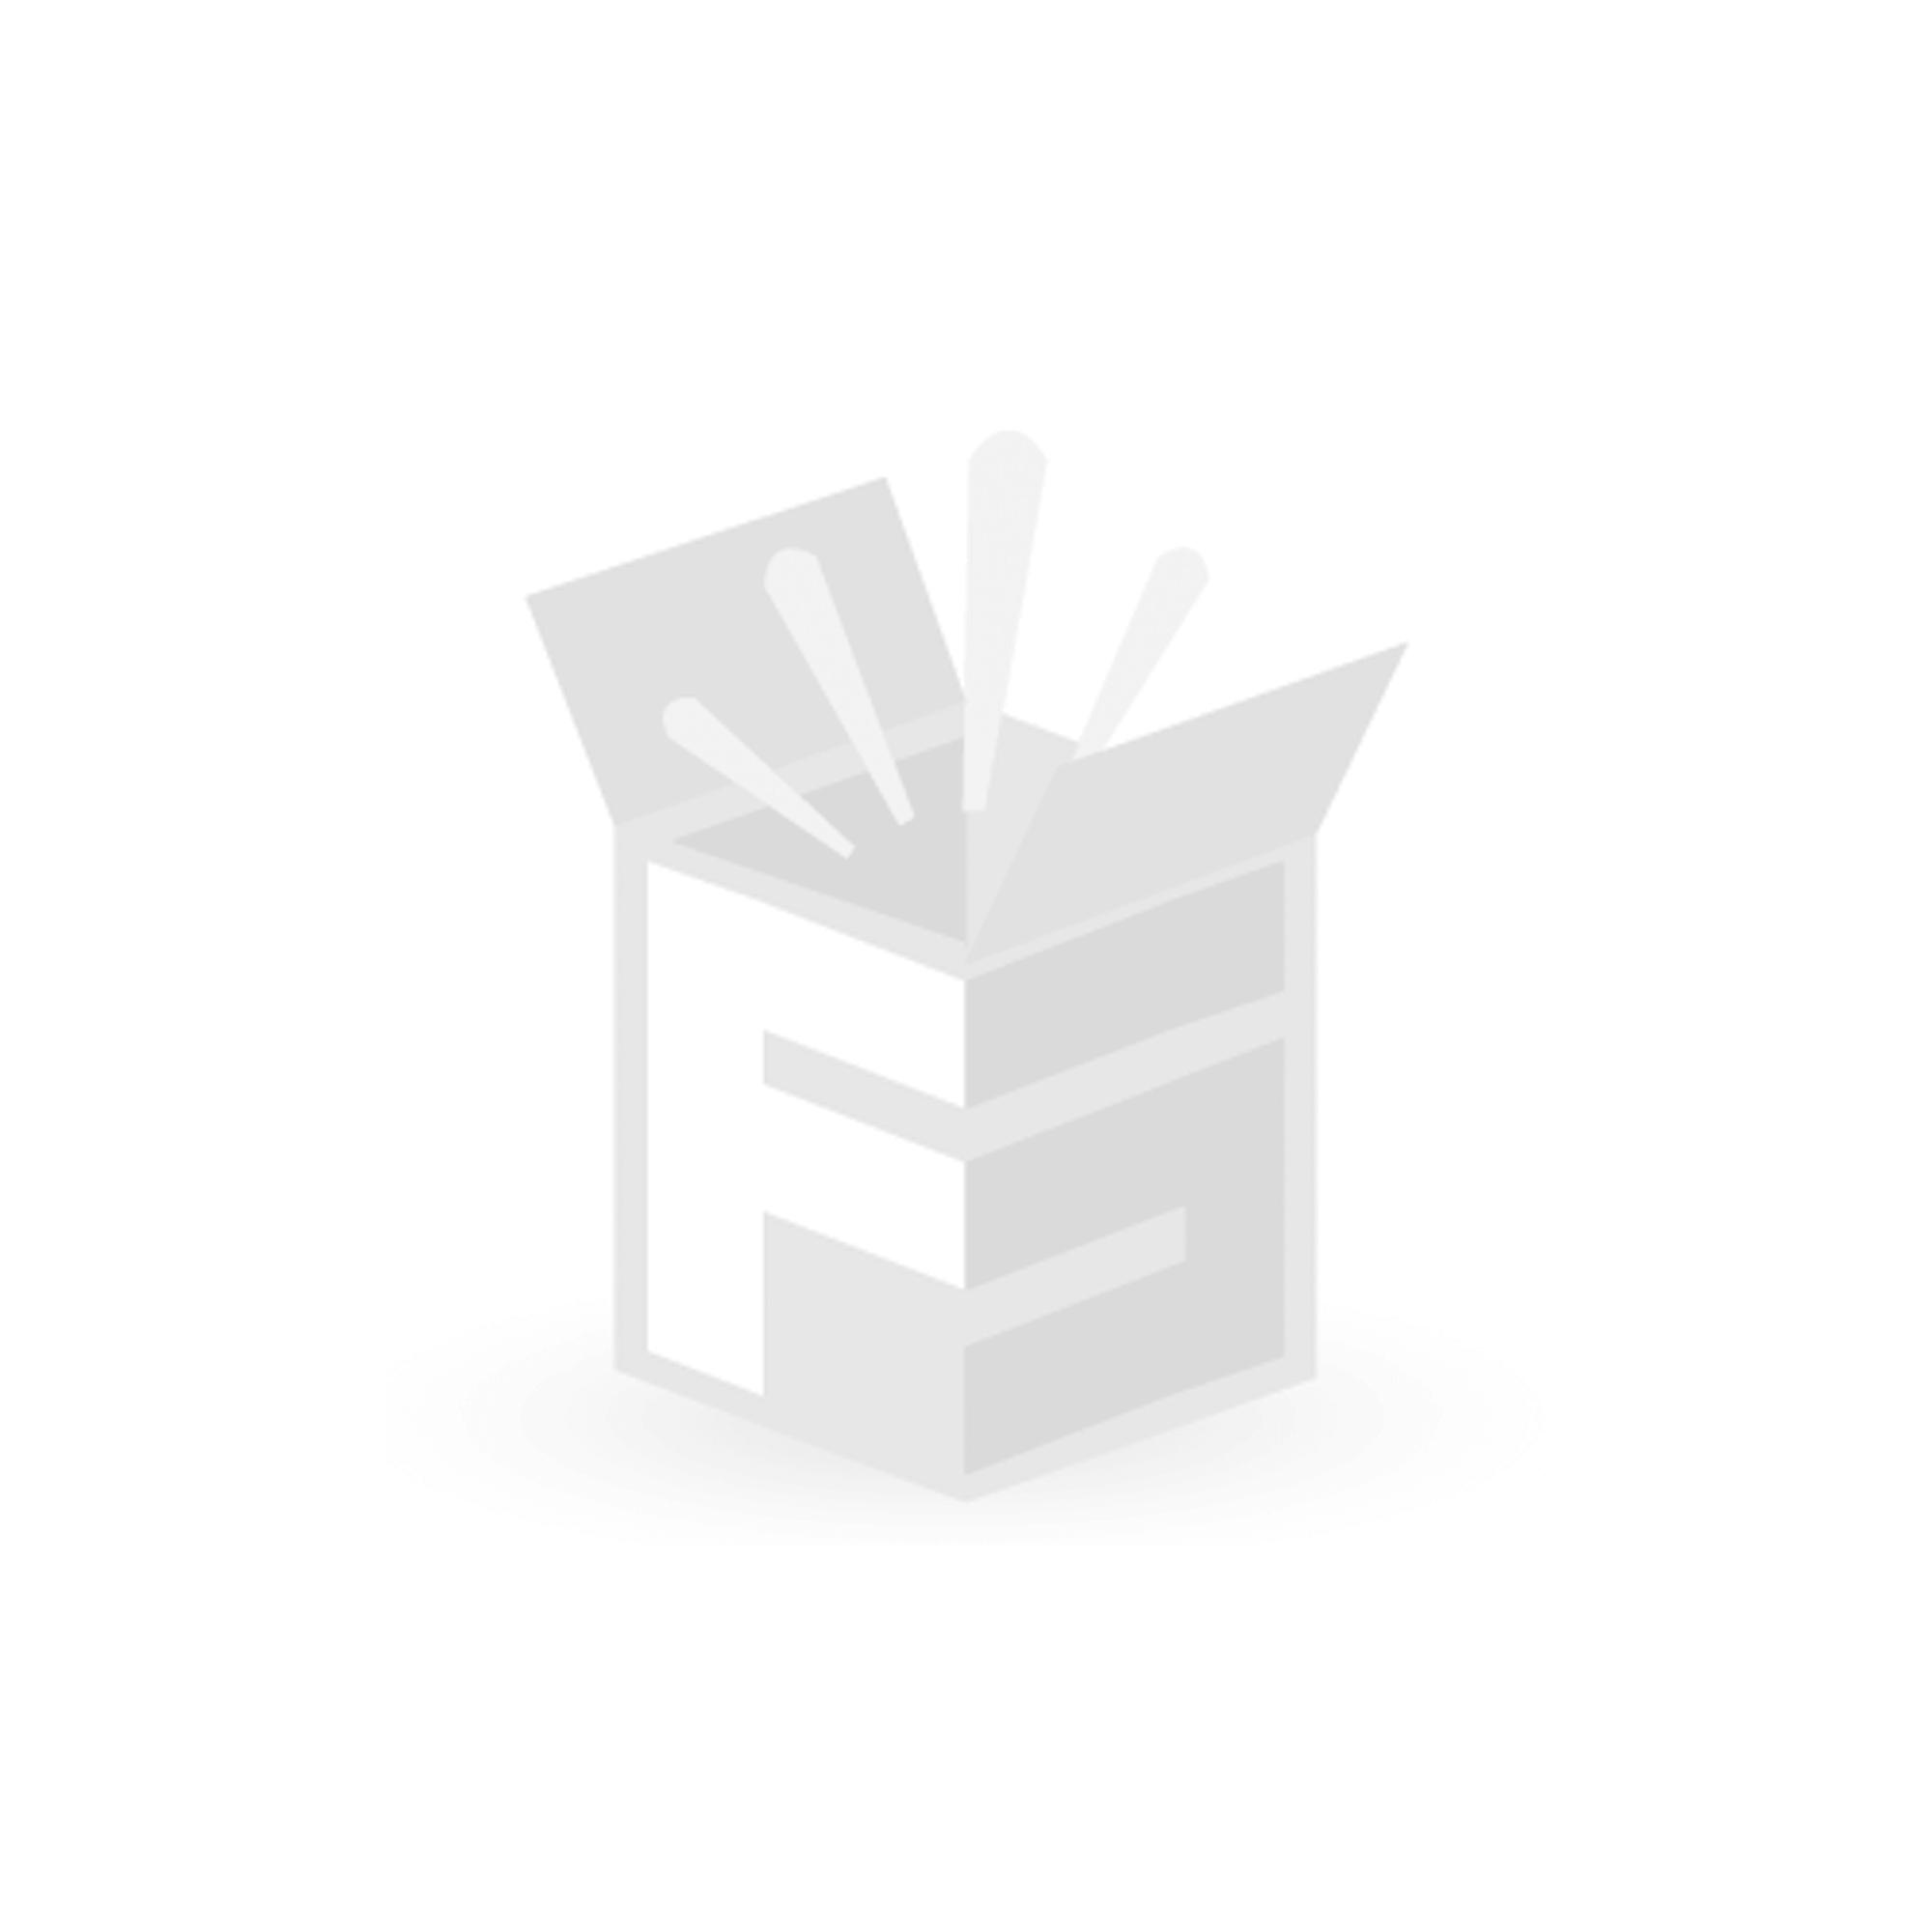 Contini höhenverstellbarer Bürotisch 1.8x0.8m grau / Gestell weiss